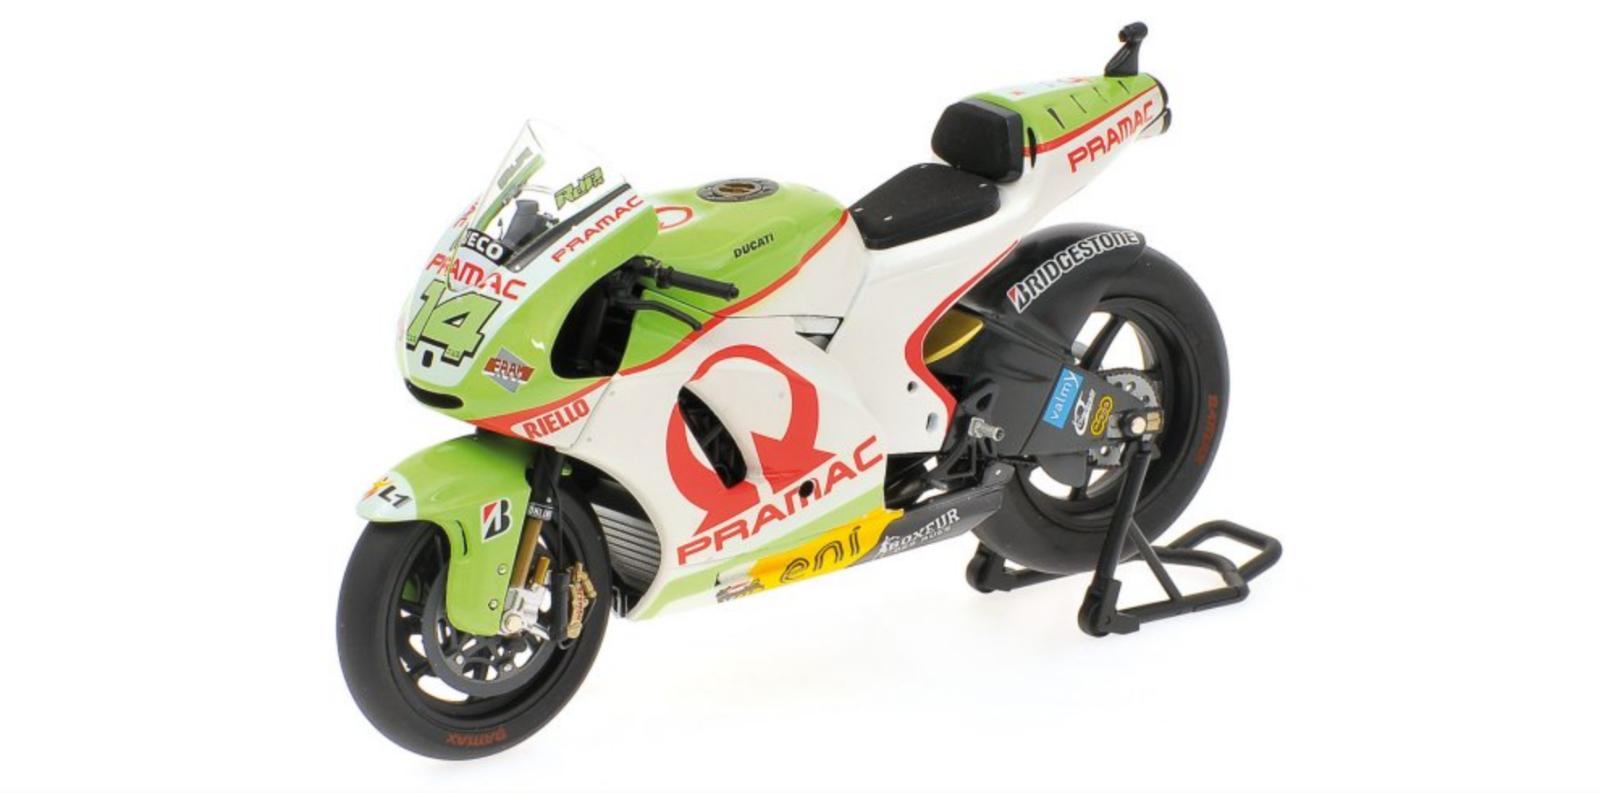 1 12 Ducati Desmosedici de Puniet Qatar 2011  1 12 • Minichamps 123110014  pour la vente en gros